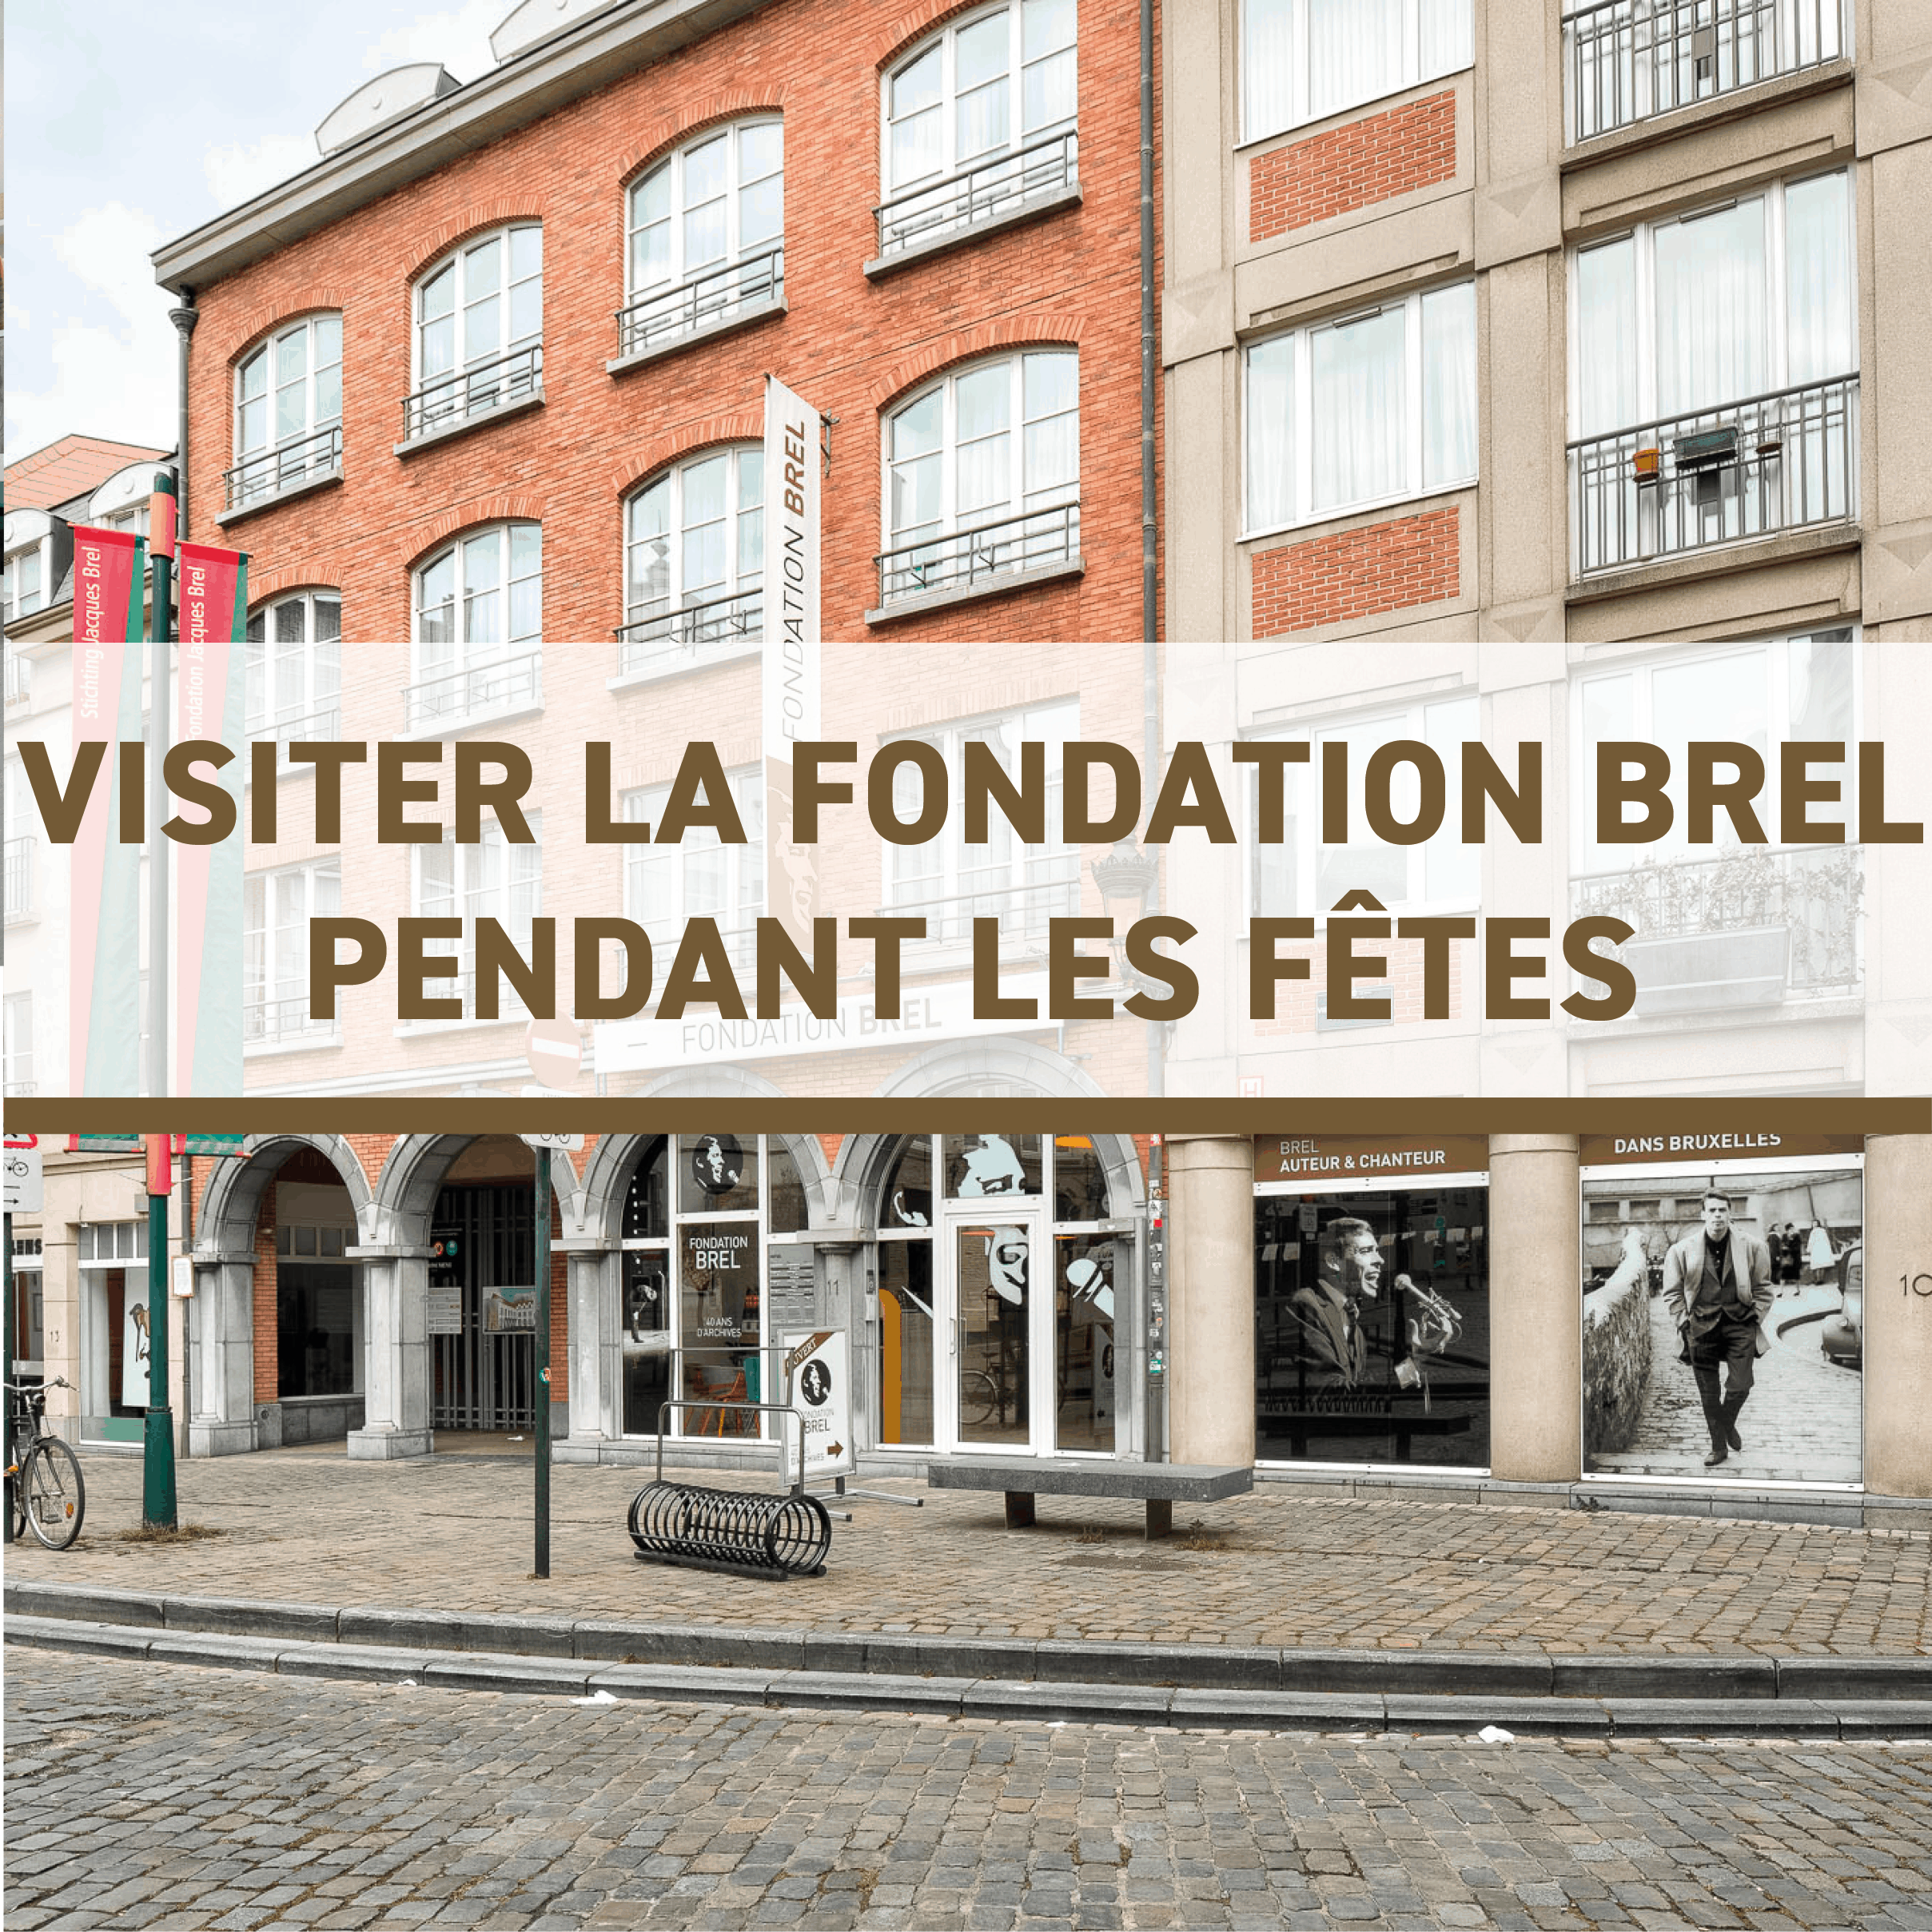 Visiter la Fondation Brel pendant les fêtes